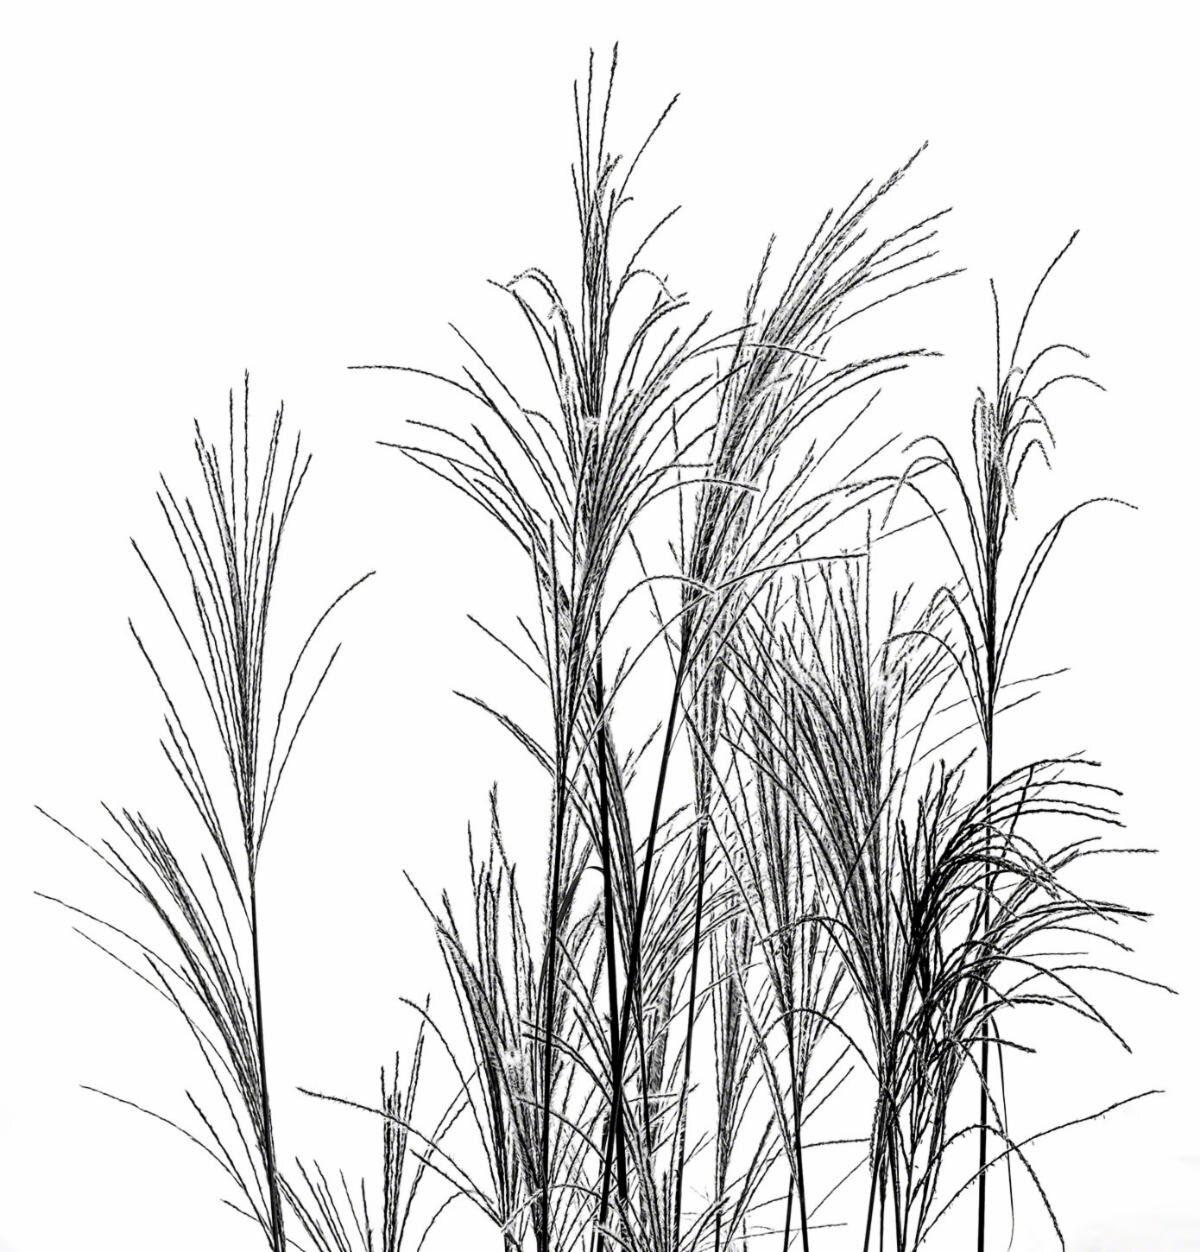 """""""Fall Grass"""" (fine art print), by Bobby Baker, at Bobby Baker Gallery, Cataumet, Mass. Copyright Bobby Baker Fine Art."""